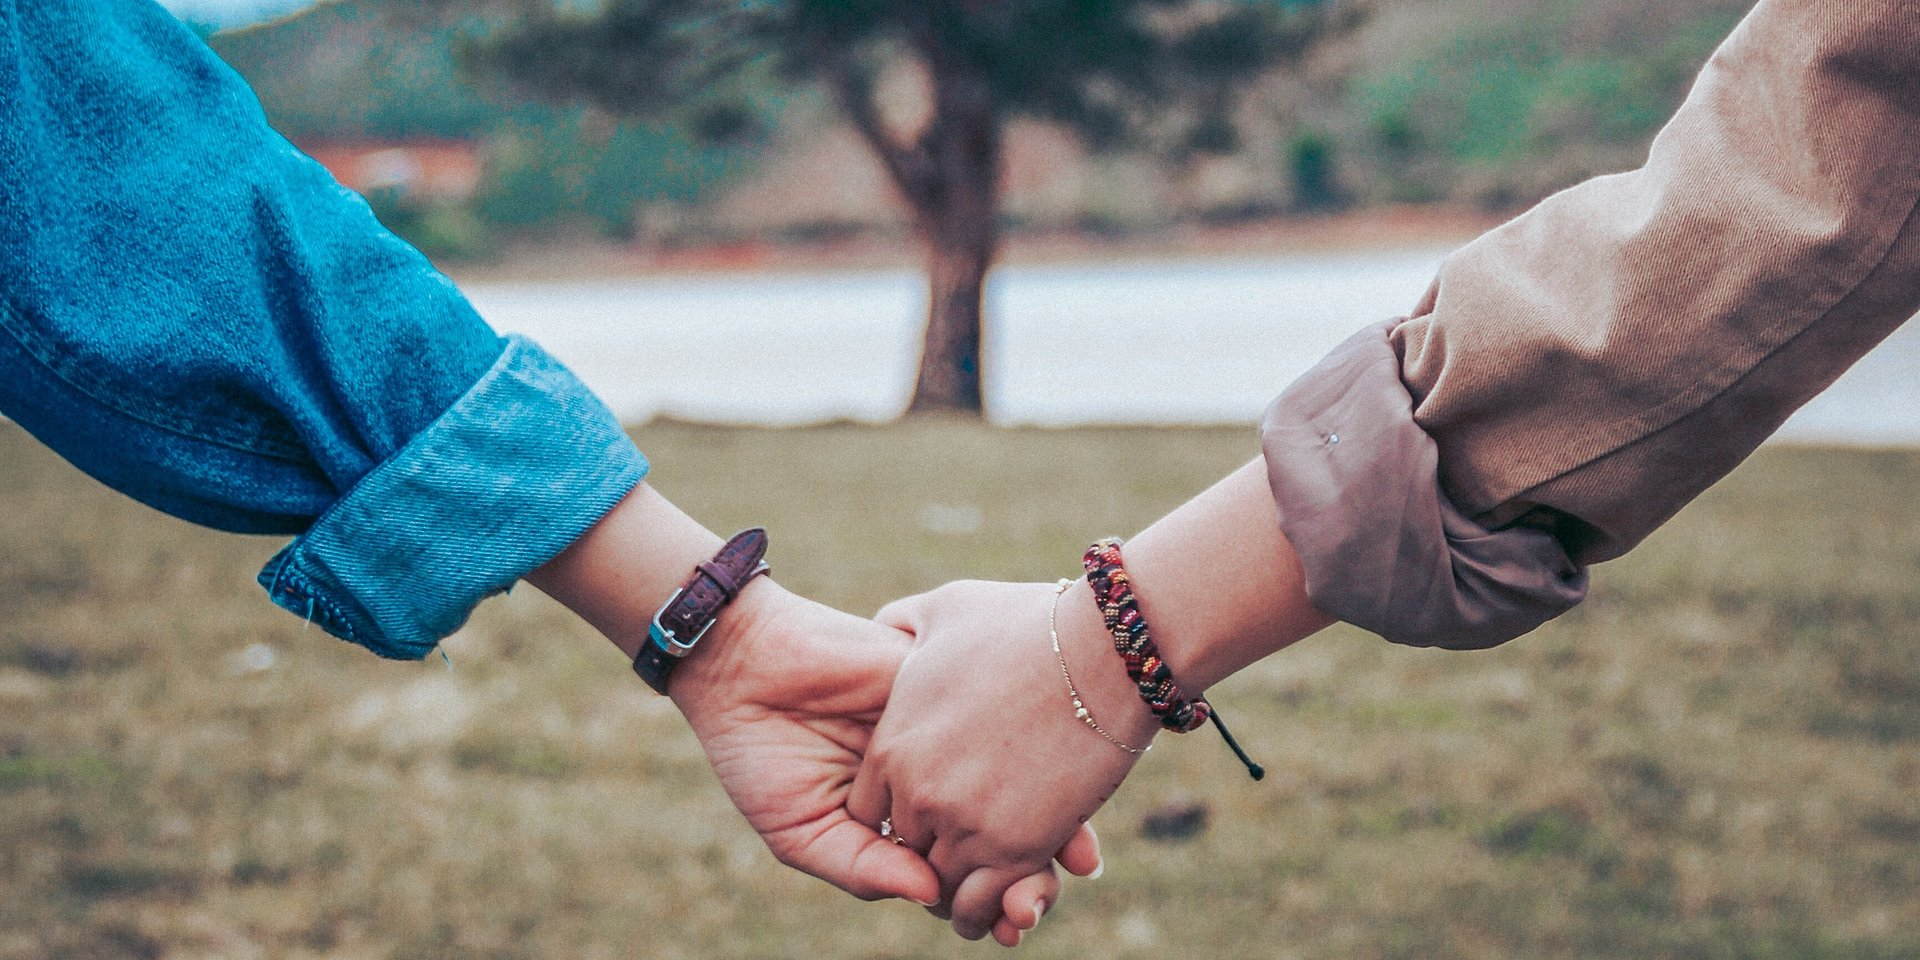 Rozmowa podstawą udanego związku – czy Polacy chętnie mówią o uczuciach?